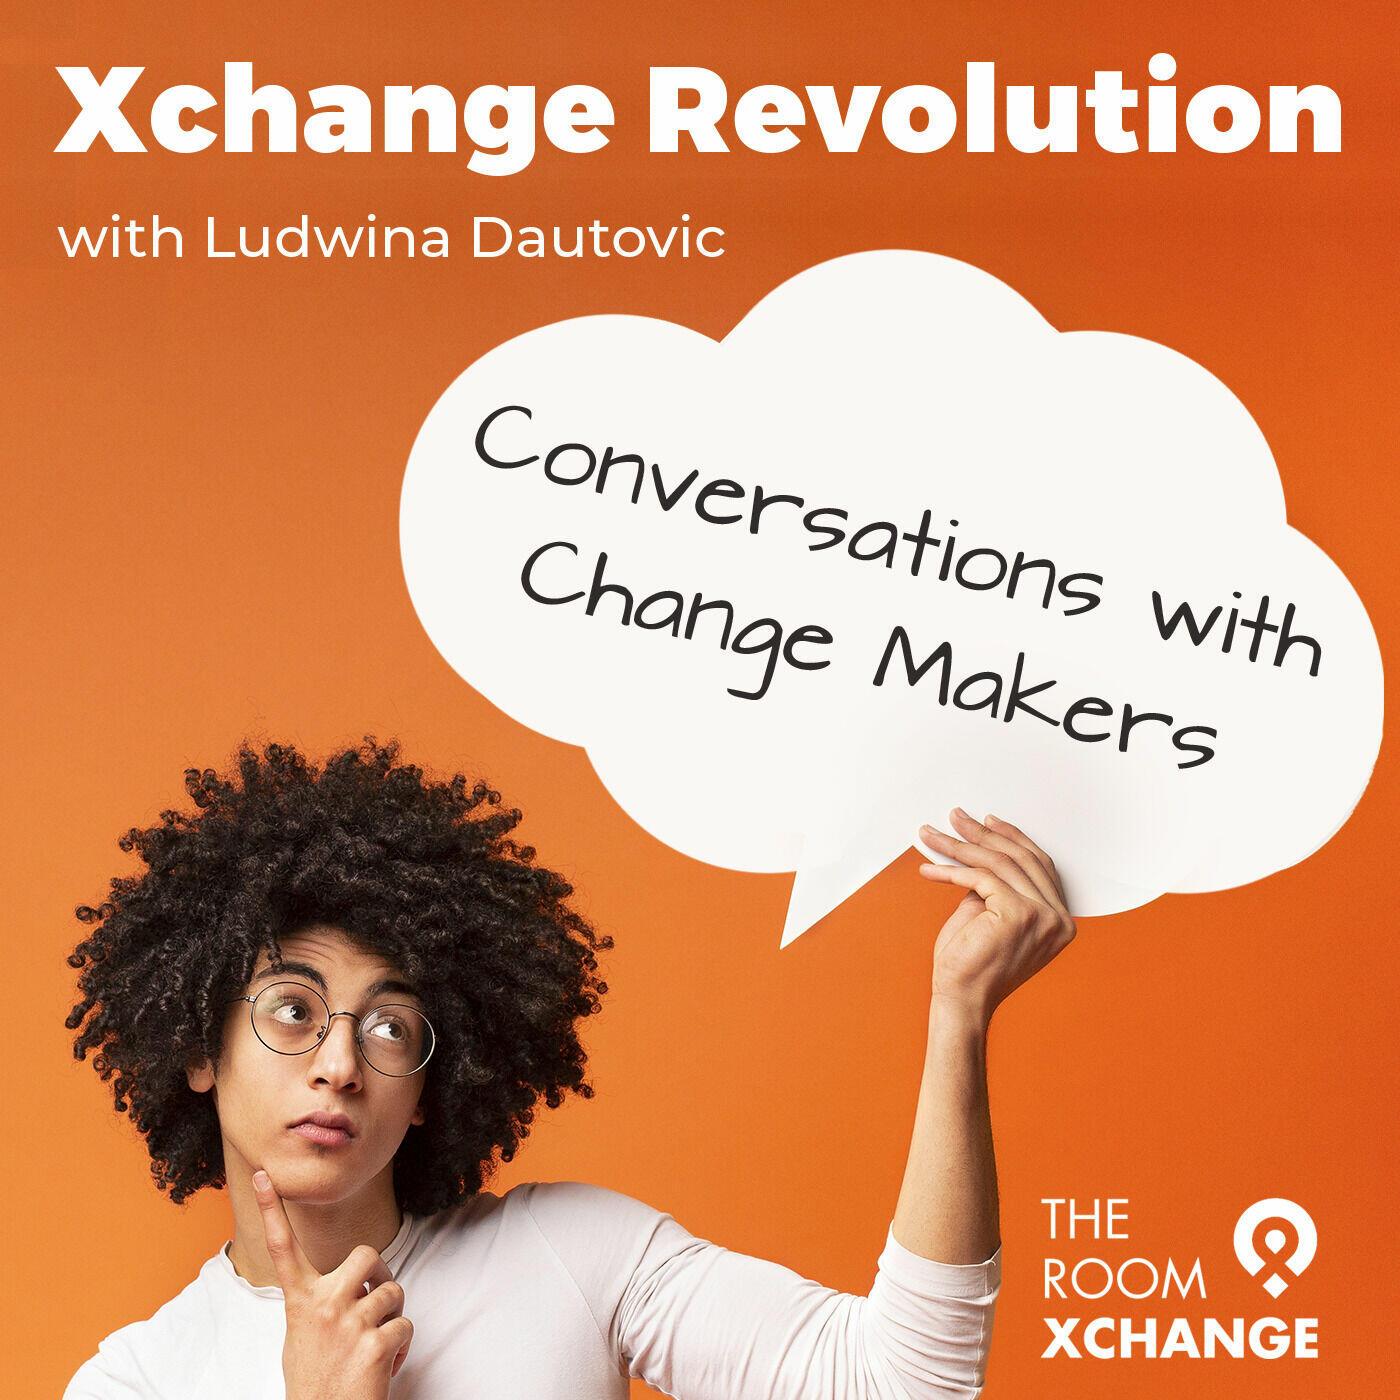 Xchange Revolution